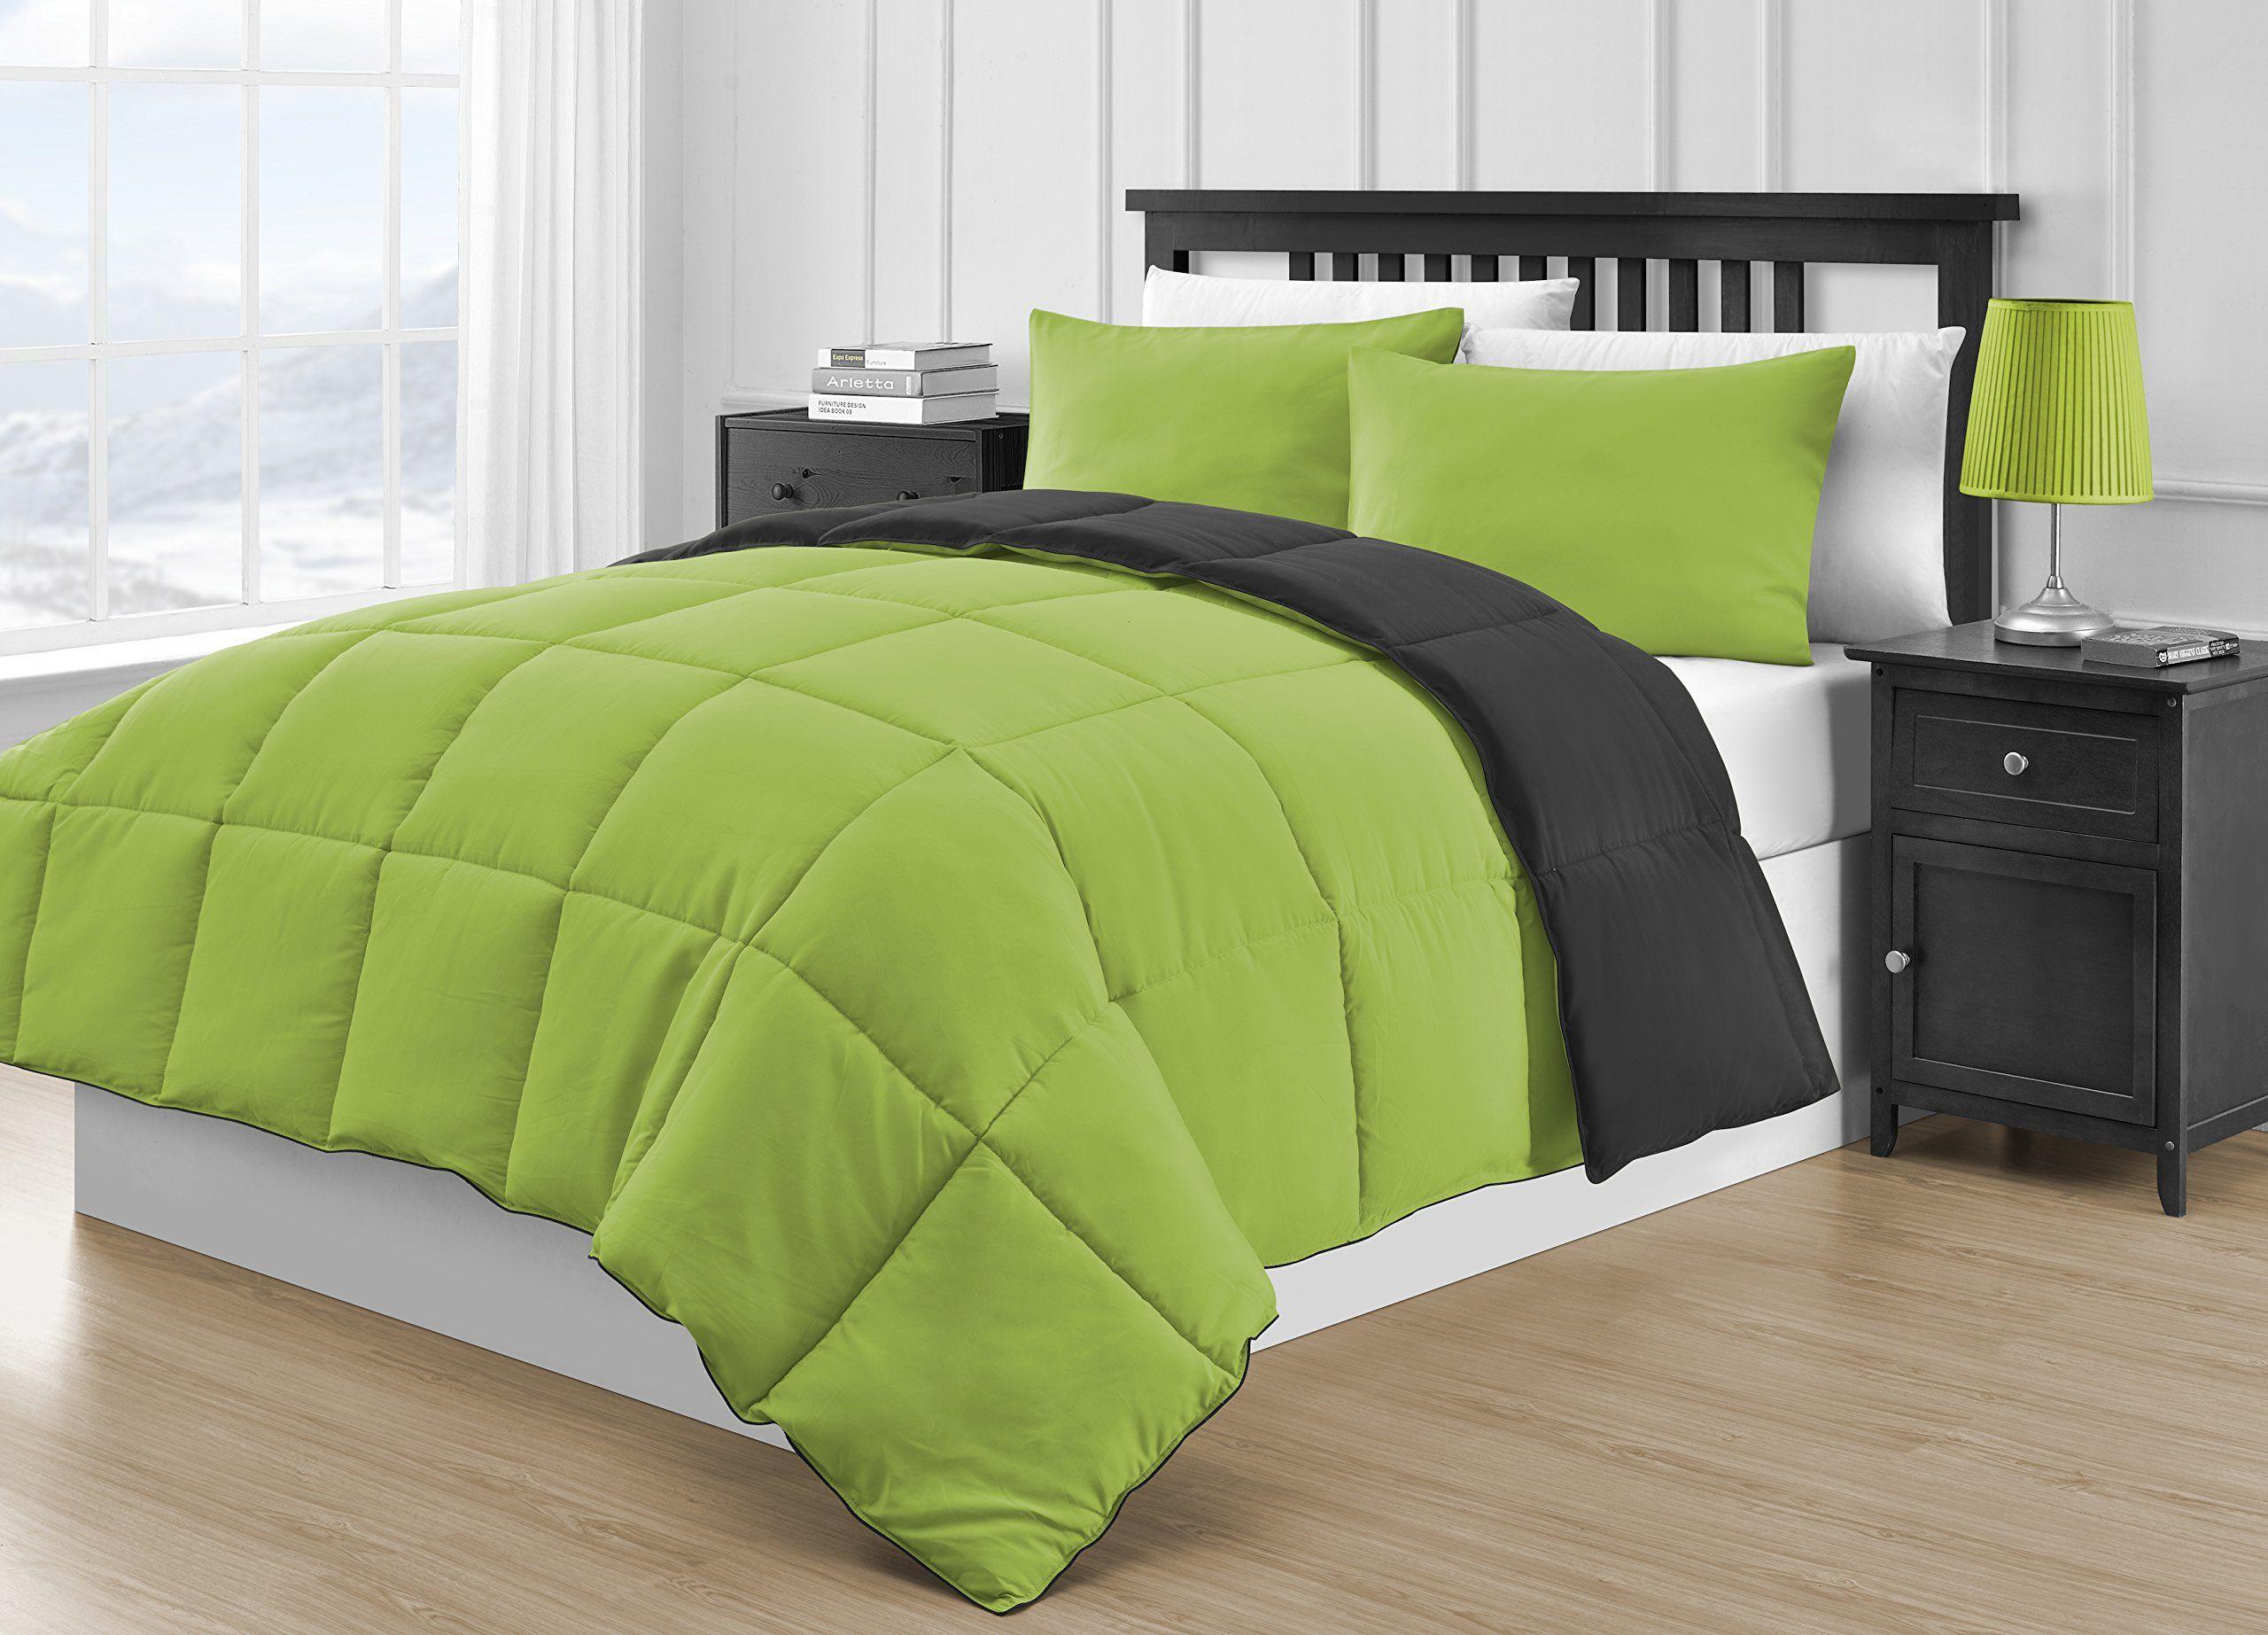 Lime Green forter Bedding